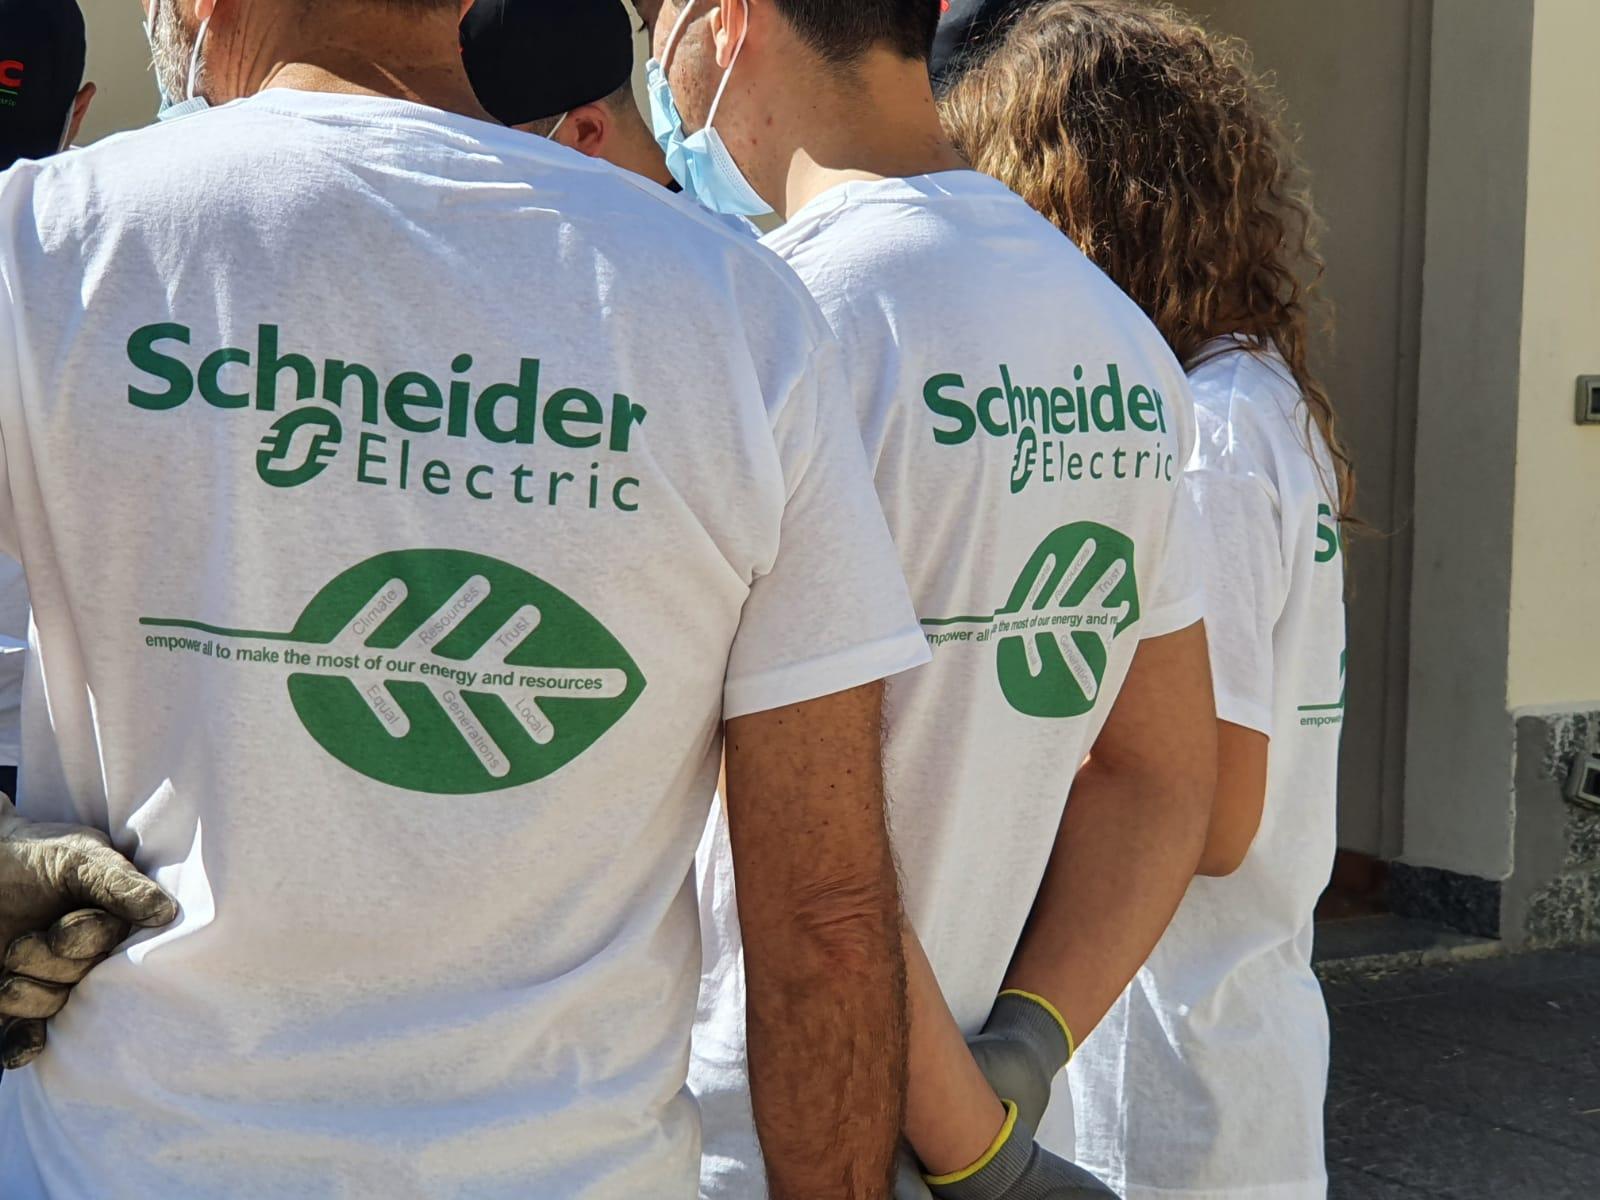 Schneider Electric Italia lancia tre impegni di sostenibilità per il nostro Paese